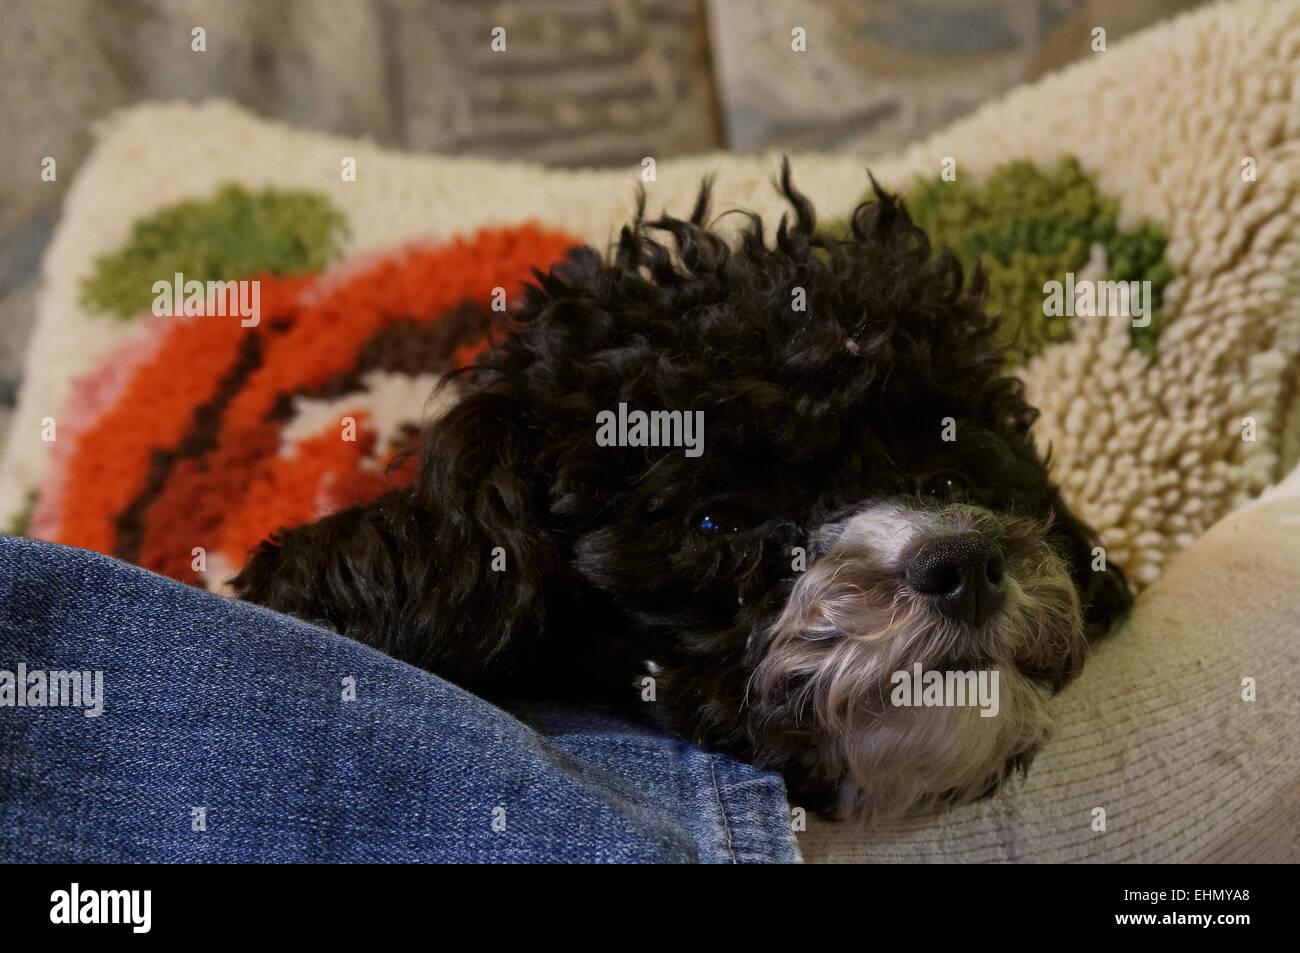 Harlequin poodles - Stock Image